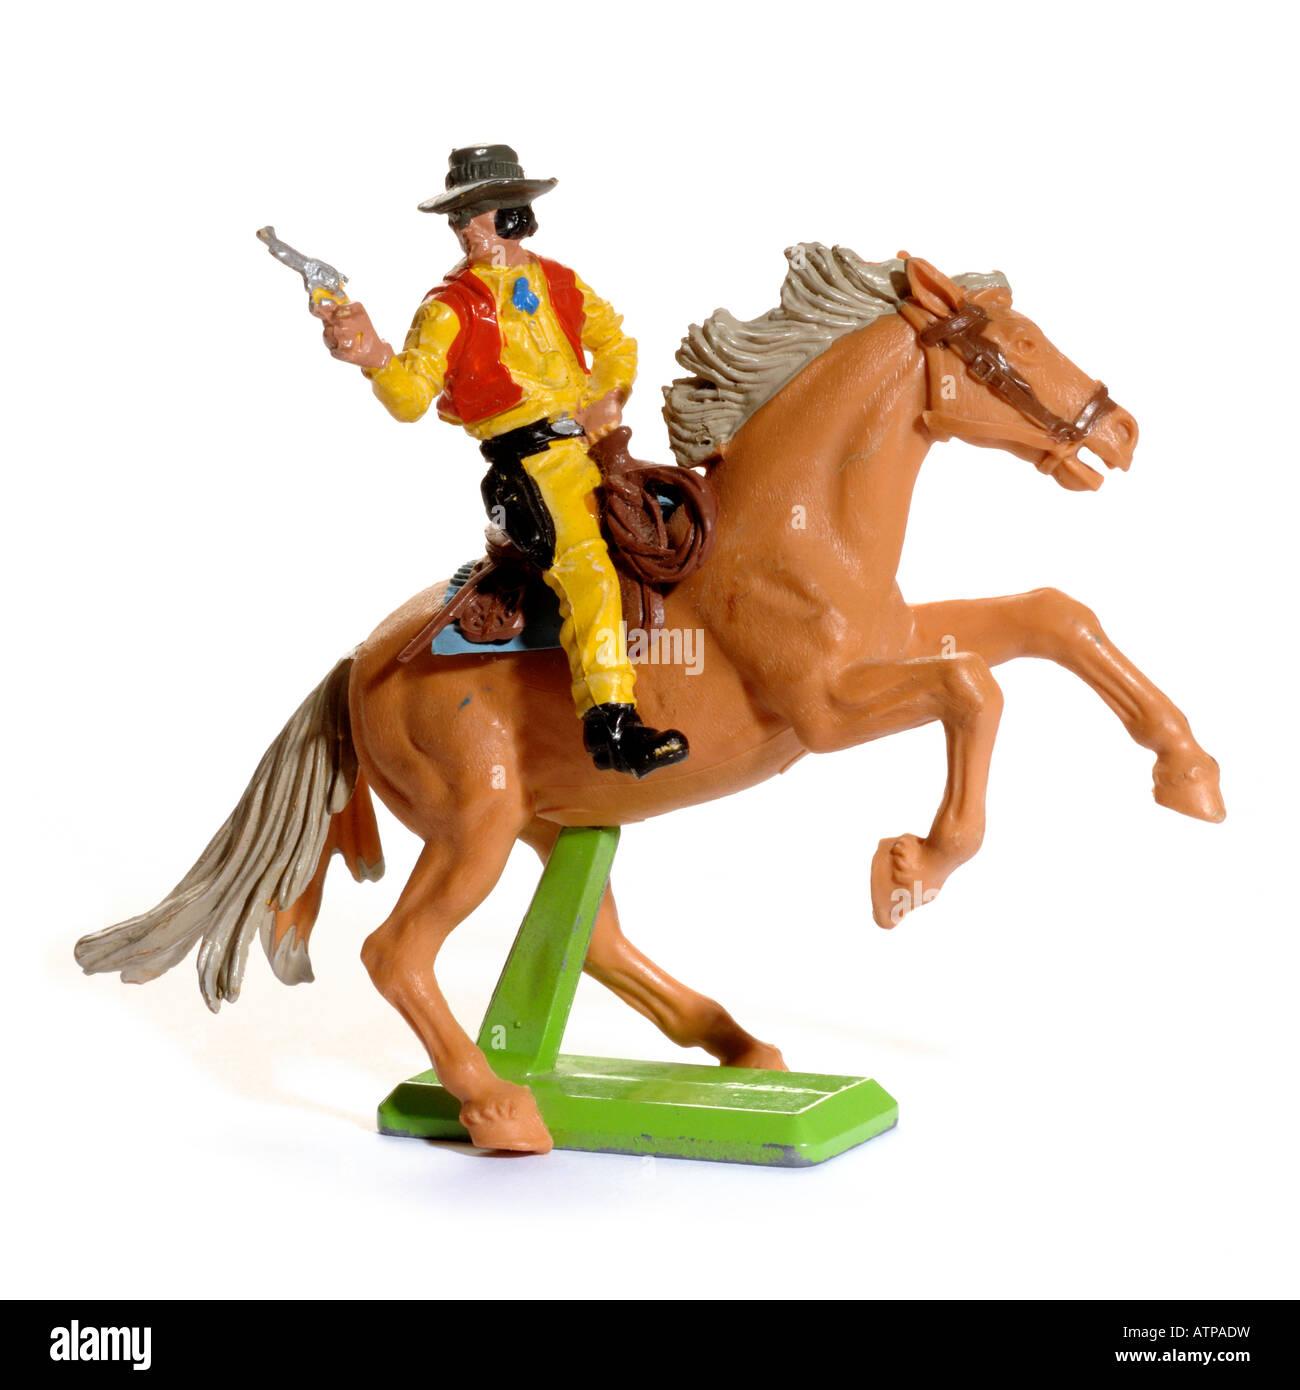 Plastique rétro et cheval jouet cowboy Photo Stock